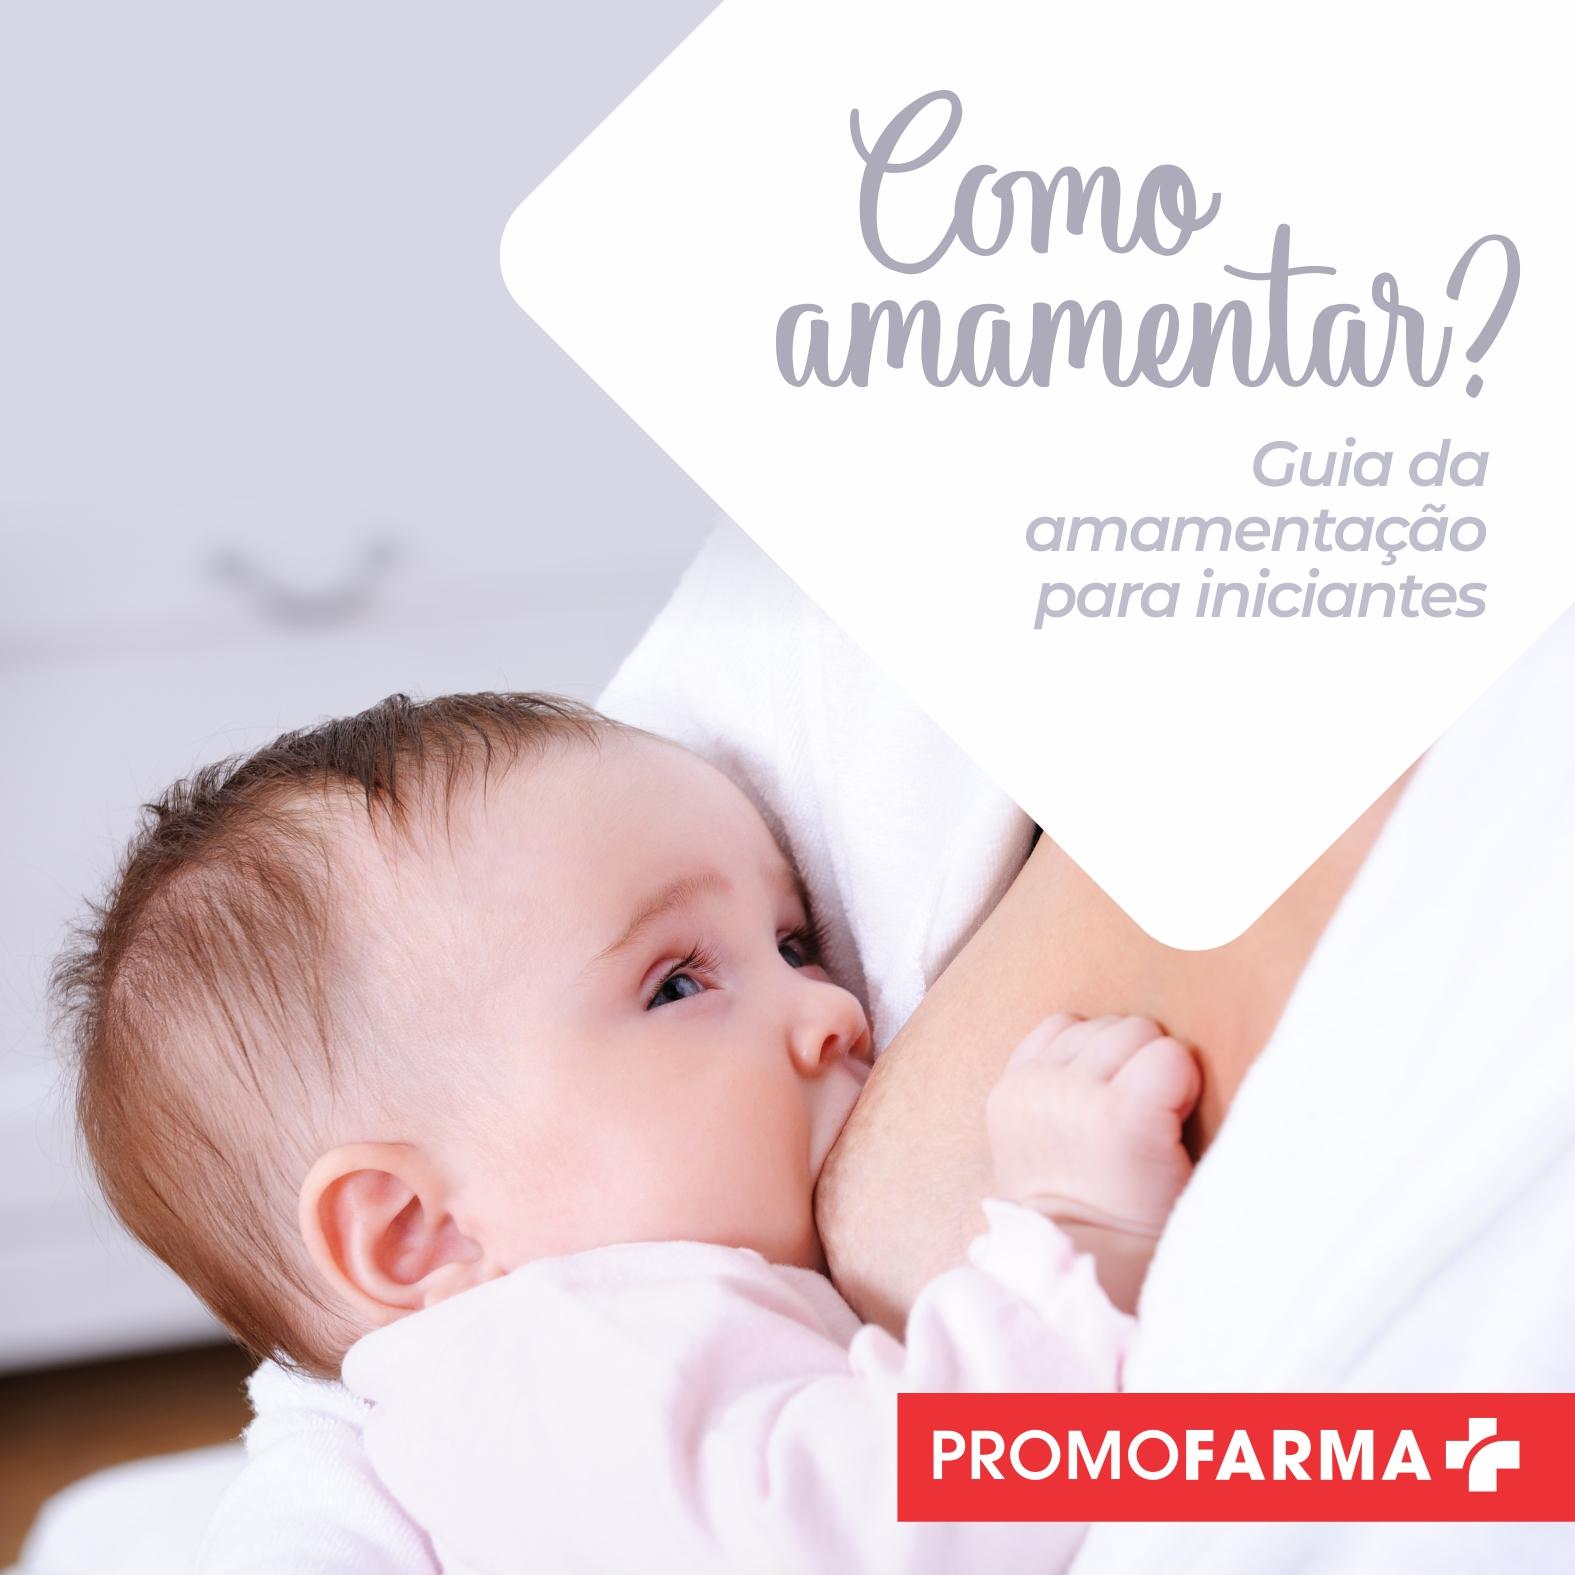 Como amamentar? Guia de amamentação para mamães iniciantes! 👶🏻